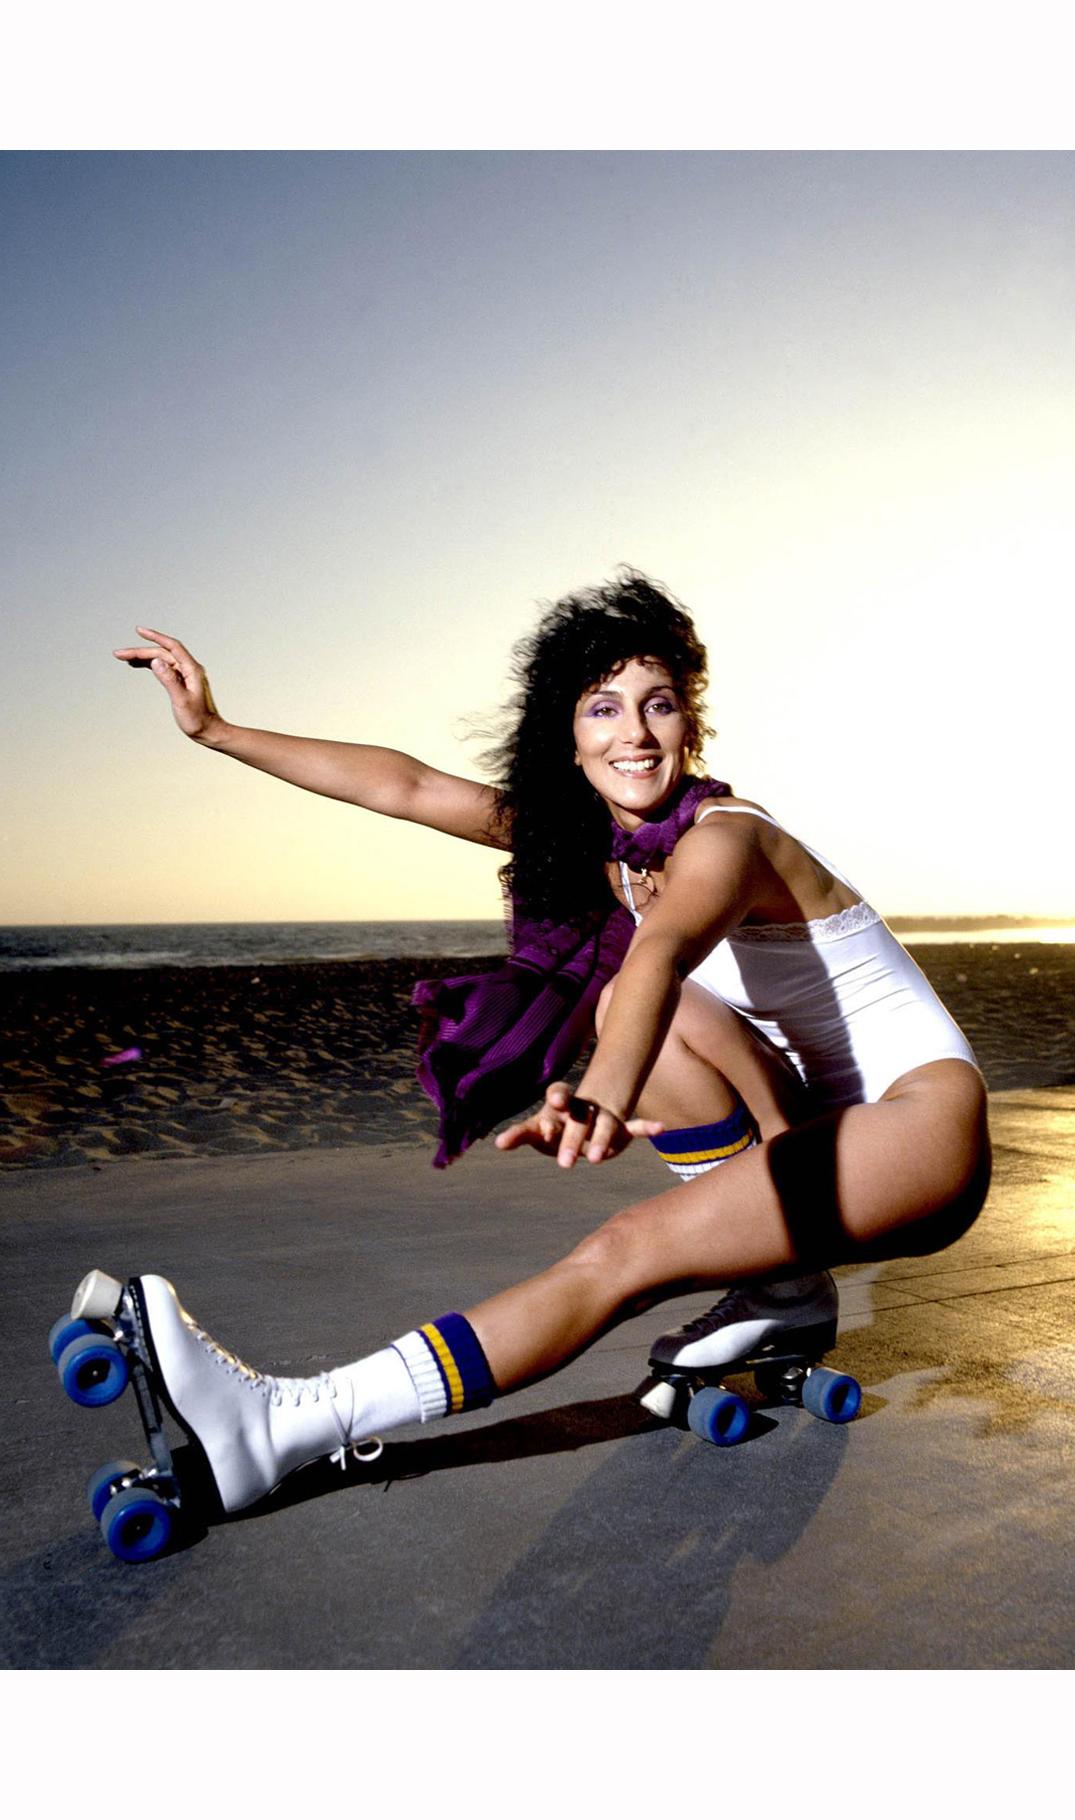 Roller skating hazel grove - Cher 1979